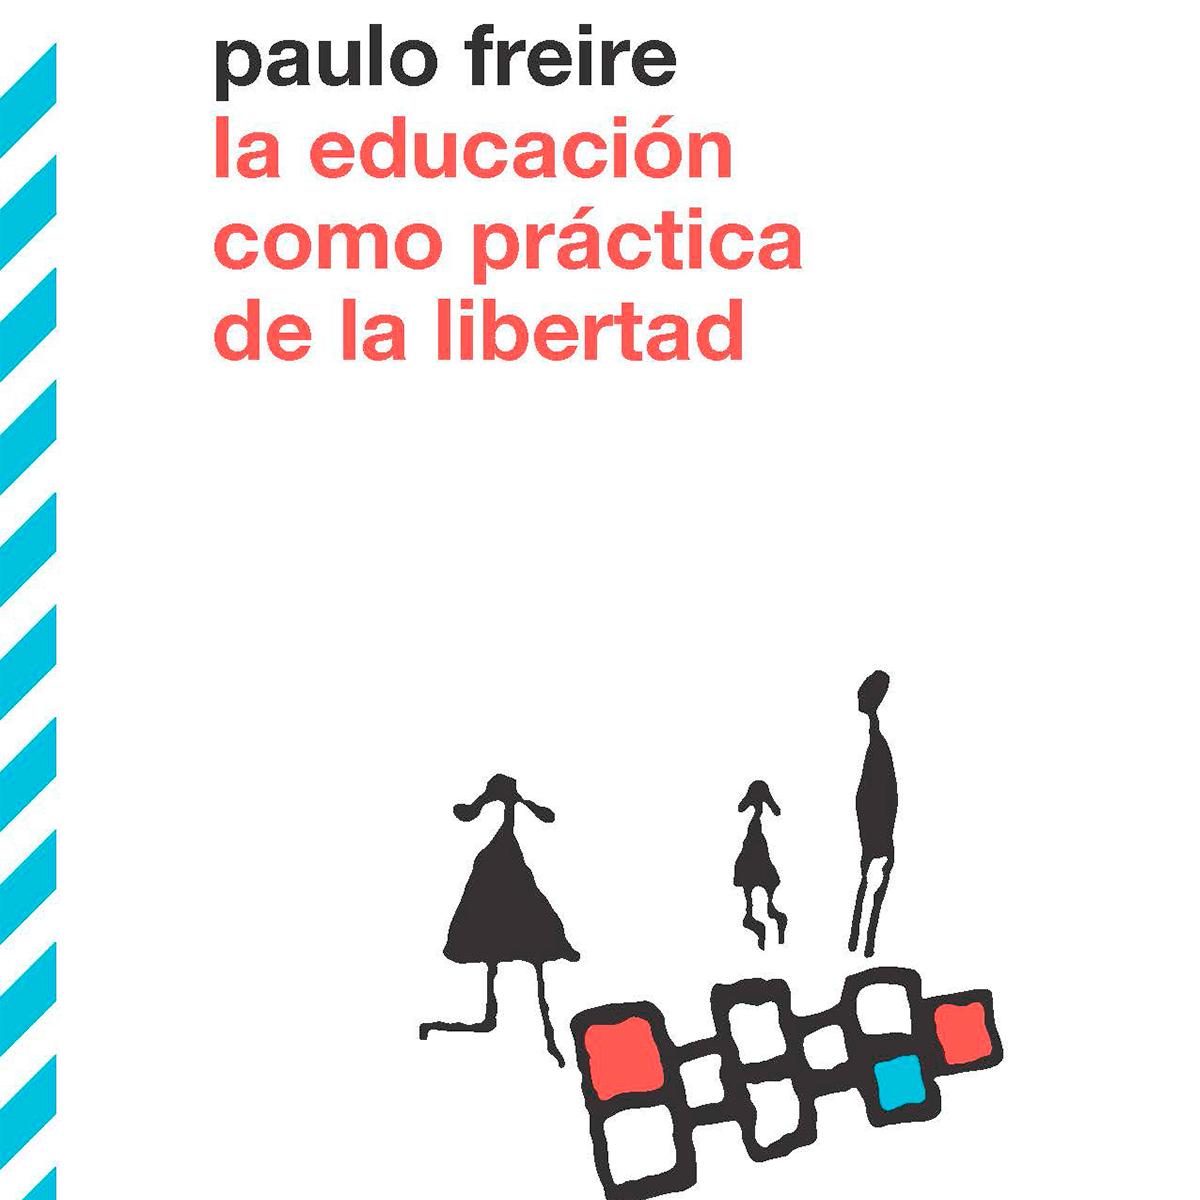 la-educacion-como-practica-para-la-libertad